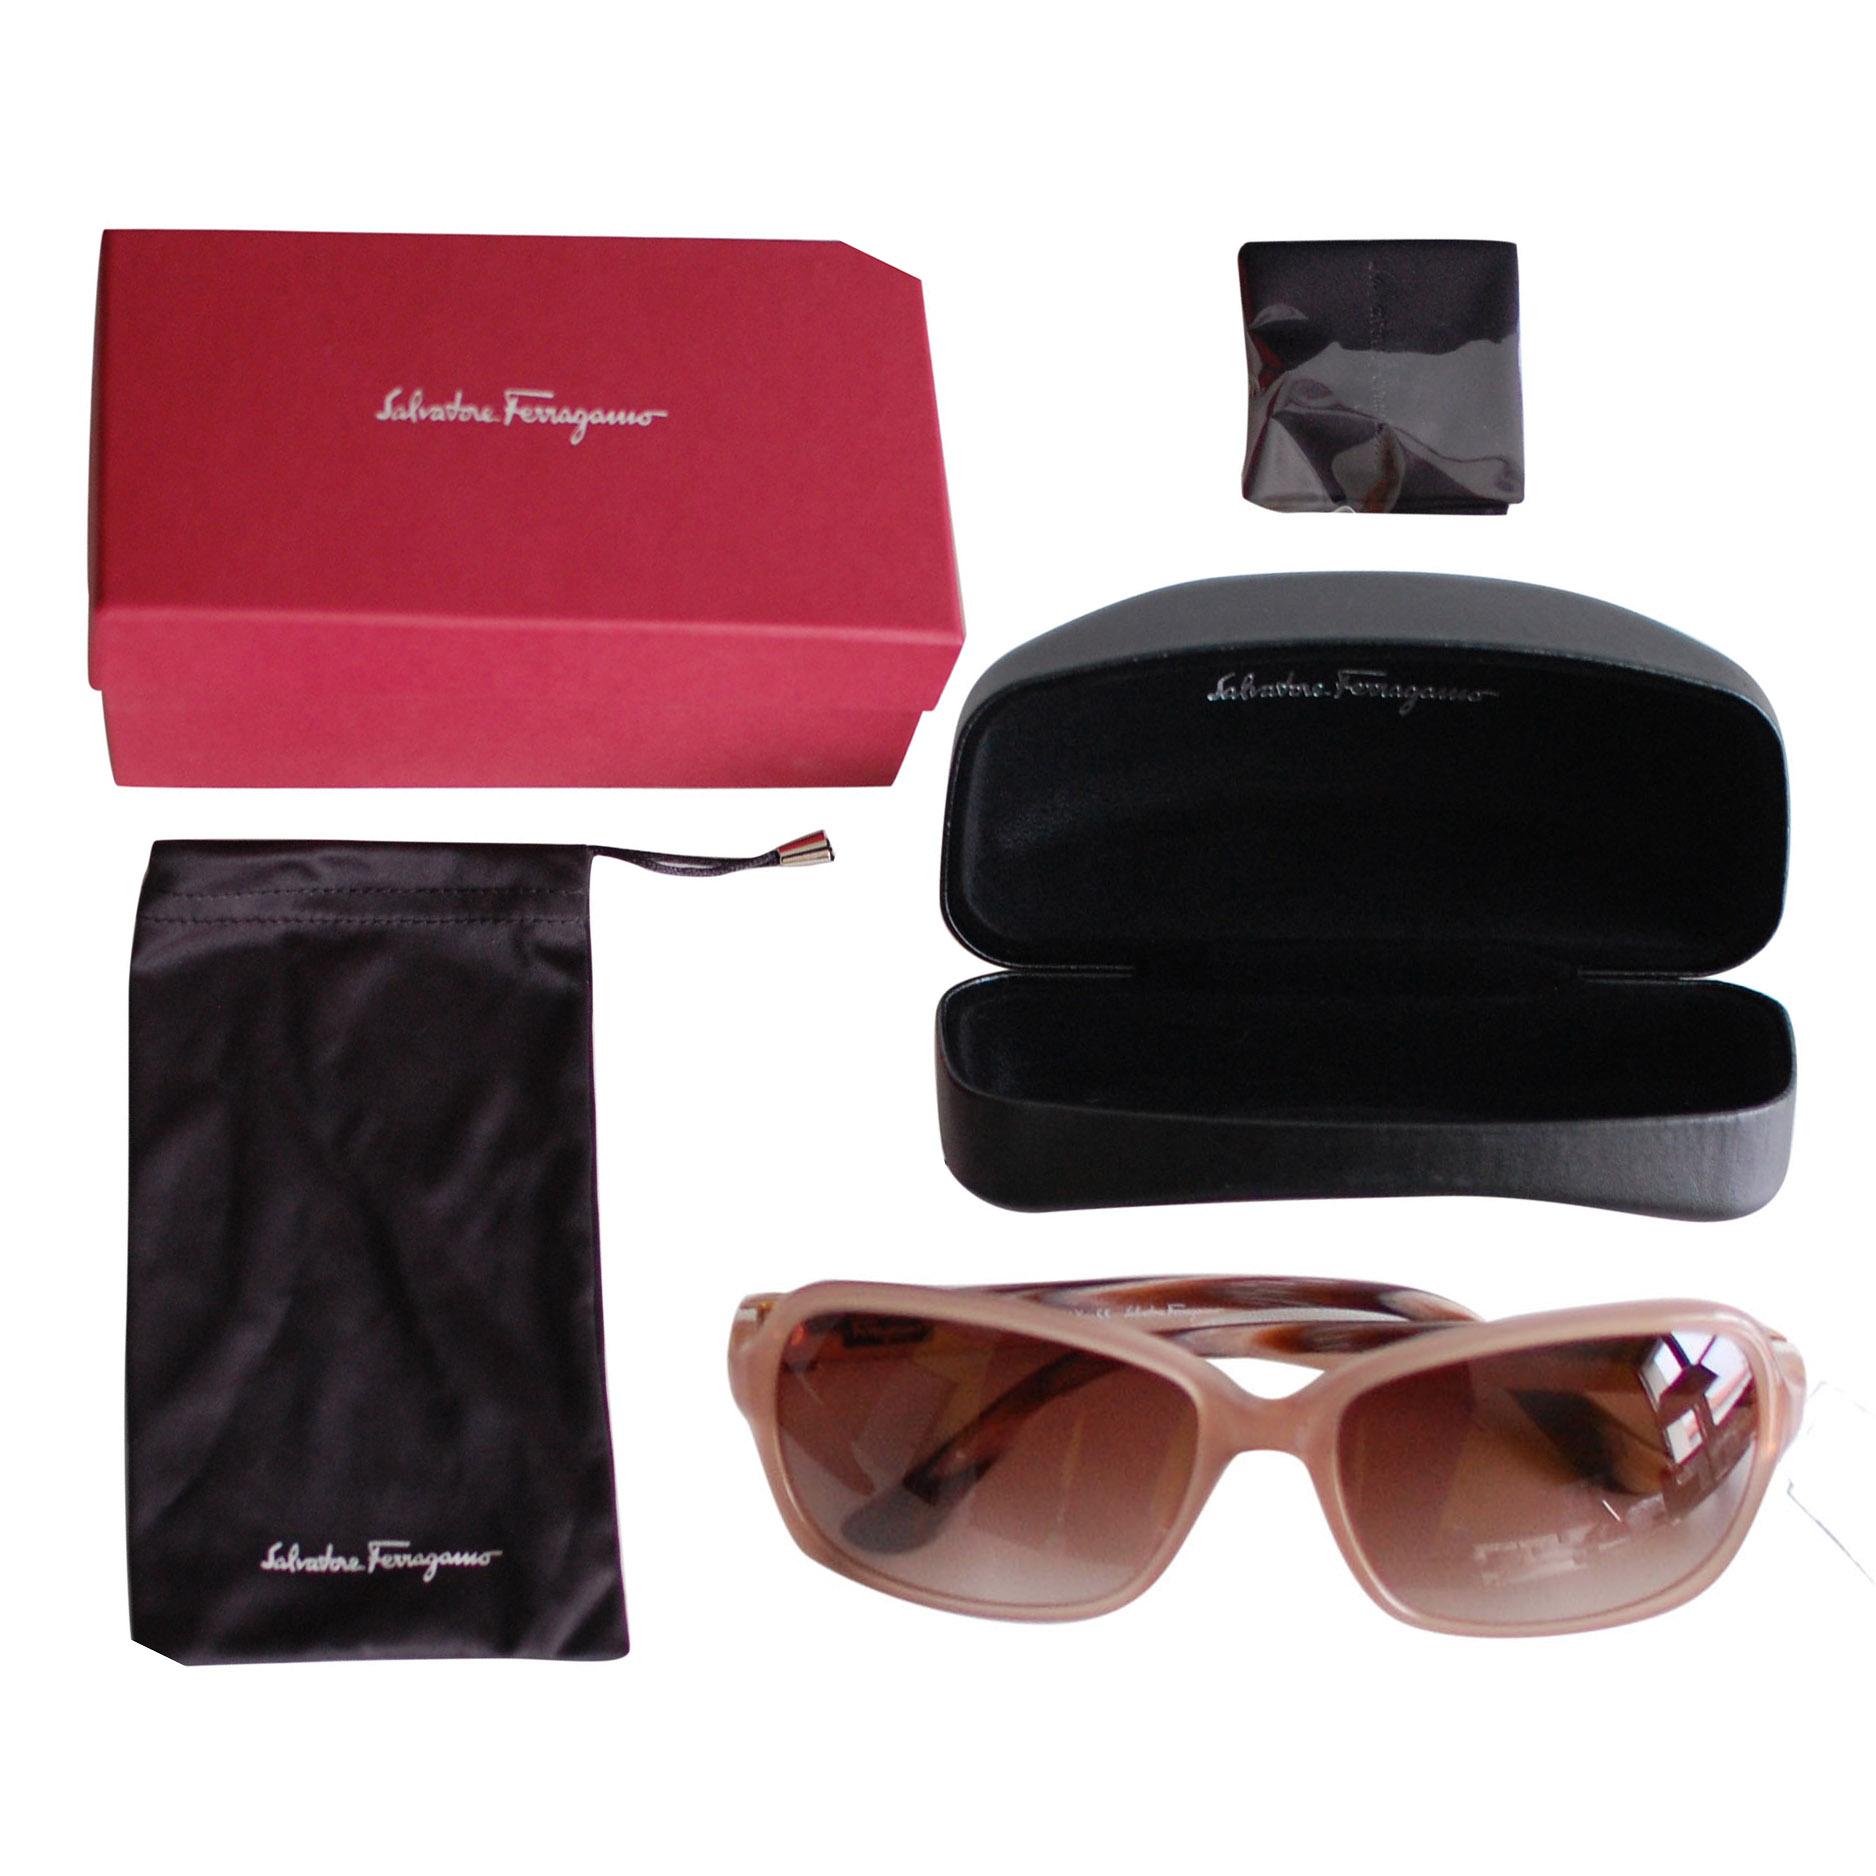 775fc3093e56 Salvatore Ferragamo Sunglasses 1